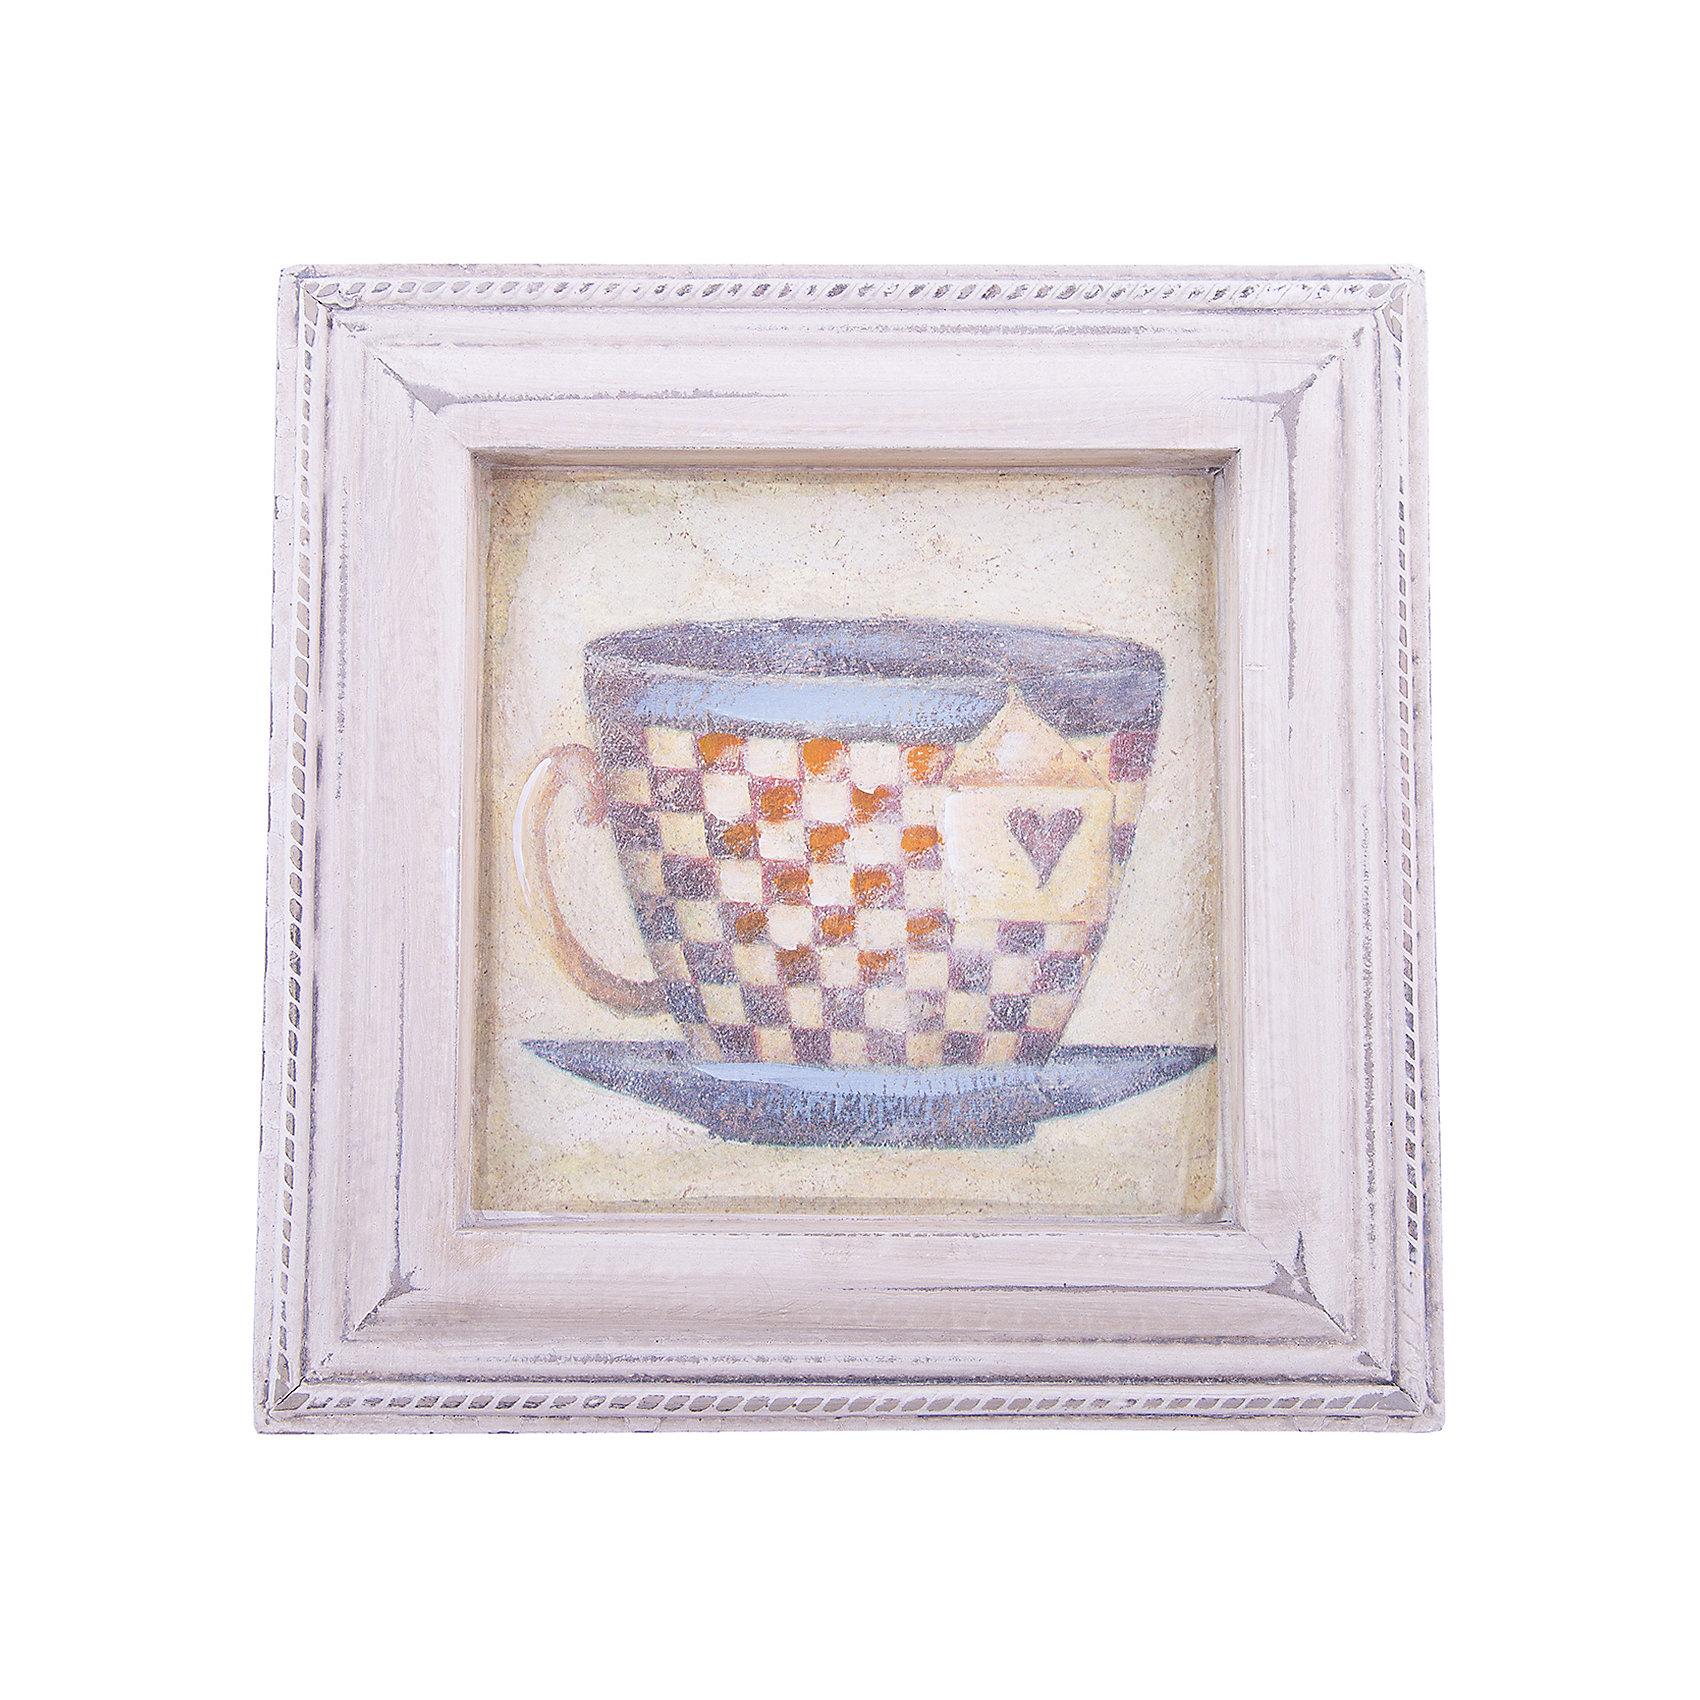 Картина - репродукция Чашка чая, Феникс-ПрезентКартина - репродукция Чашка чая (печать на бумаге с ручной подрисовкой), основа из МДФ, рамка из МДФ.  Картина прекрасно впишется  в любой интерьер, хороший подарок для любого случая.<br><br>Ширина мм: 235<br>Глубина мм: 235<br>Высота мм: 200<br>Вес г: 446<br>Возраст от месяцев: -2147483648<br>Возраст до месяцев: 2147483647<br>Пол: Унисекс<br>Возраст: Детский<br>SKU: 5449570